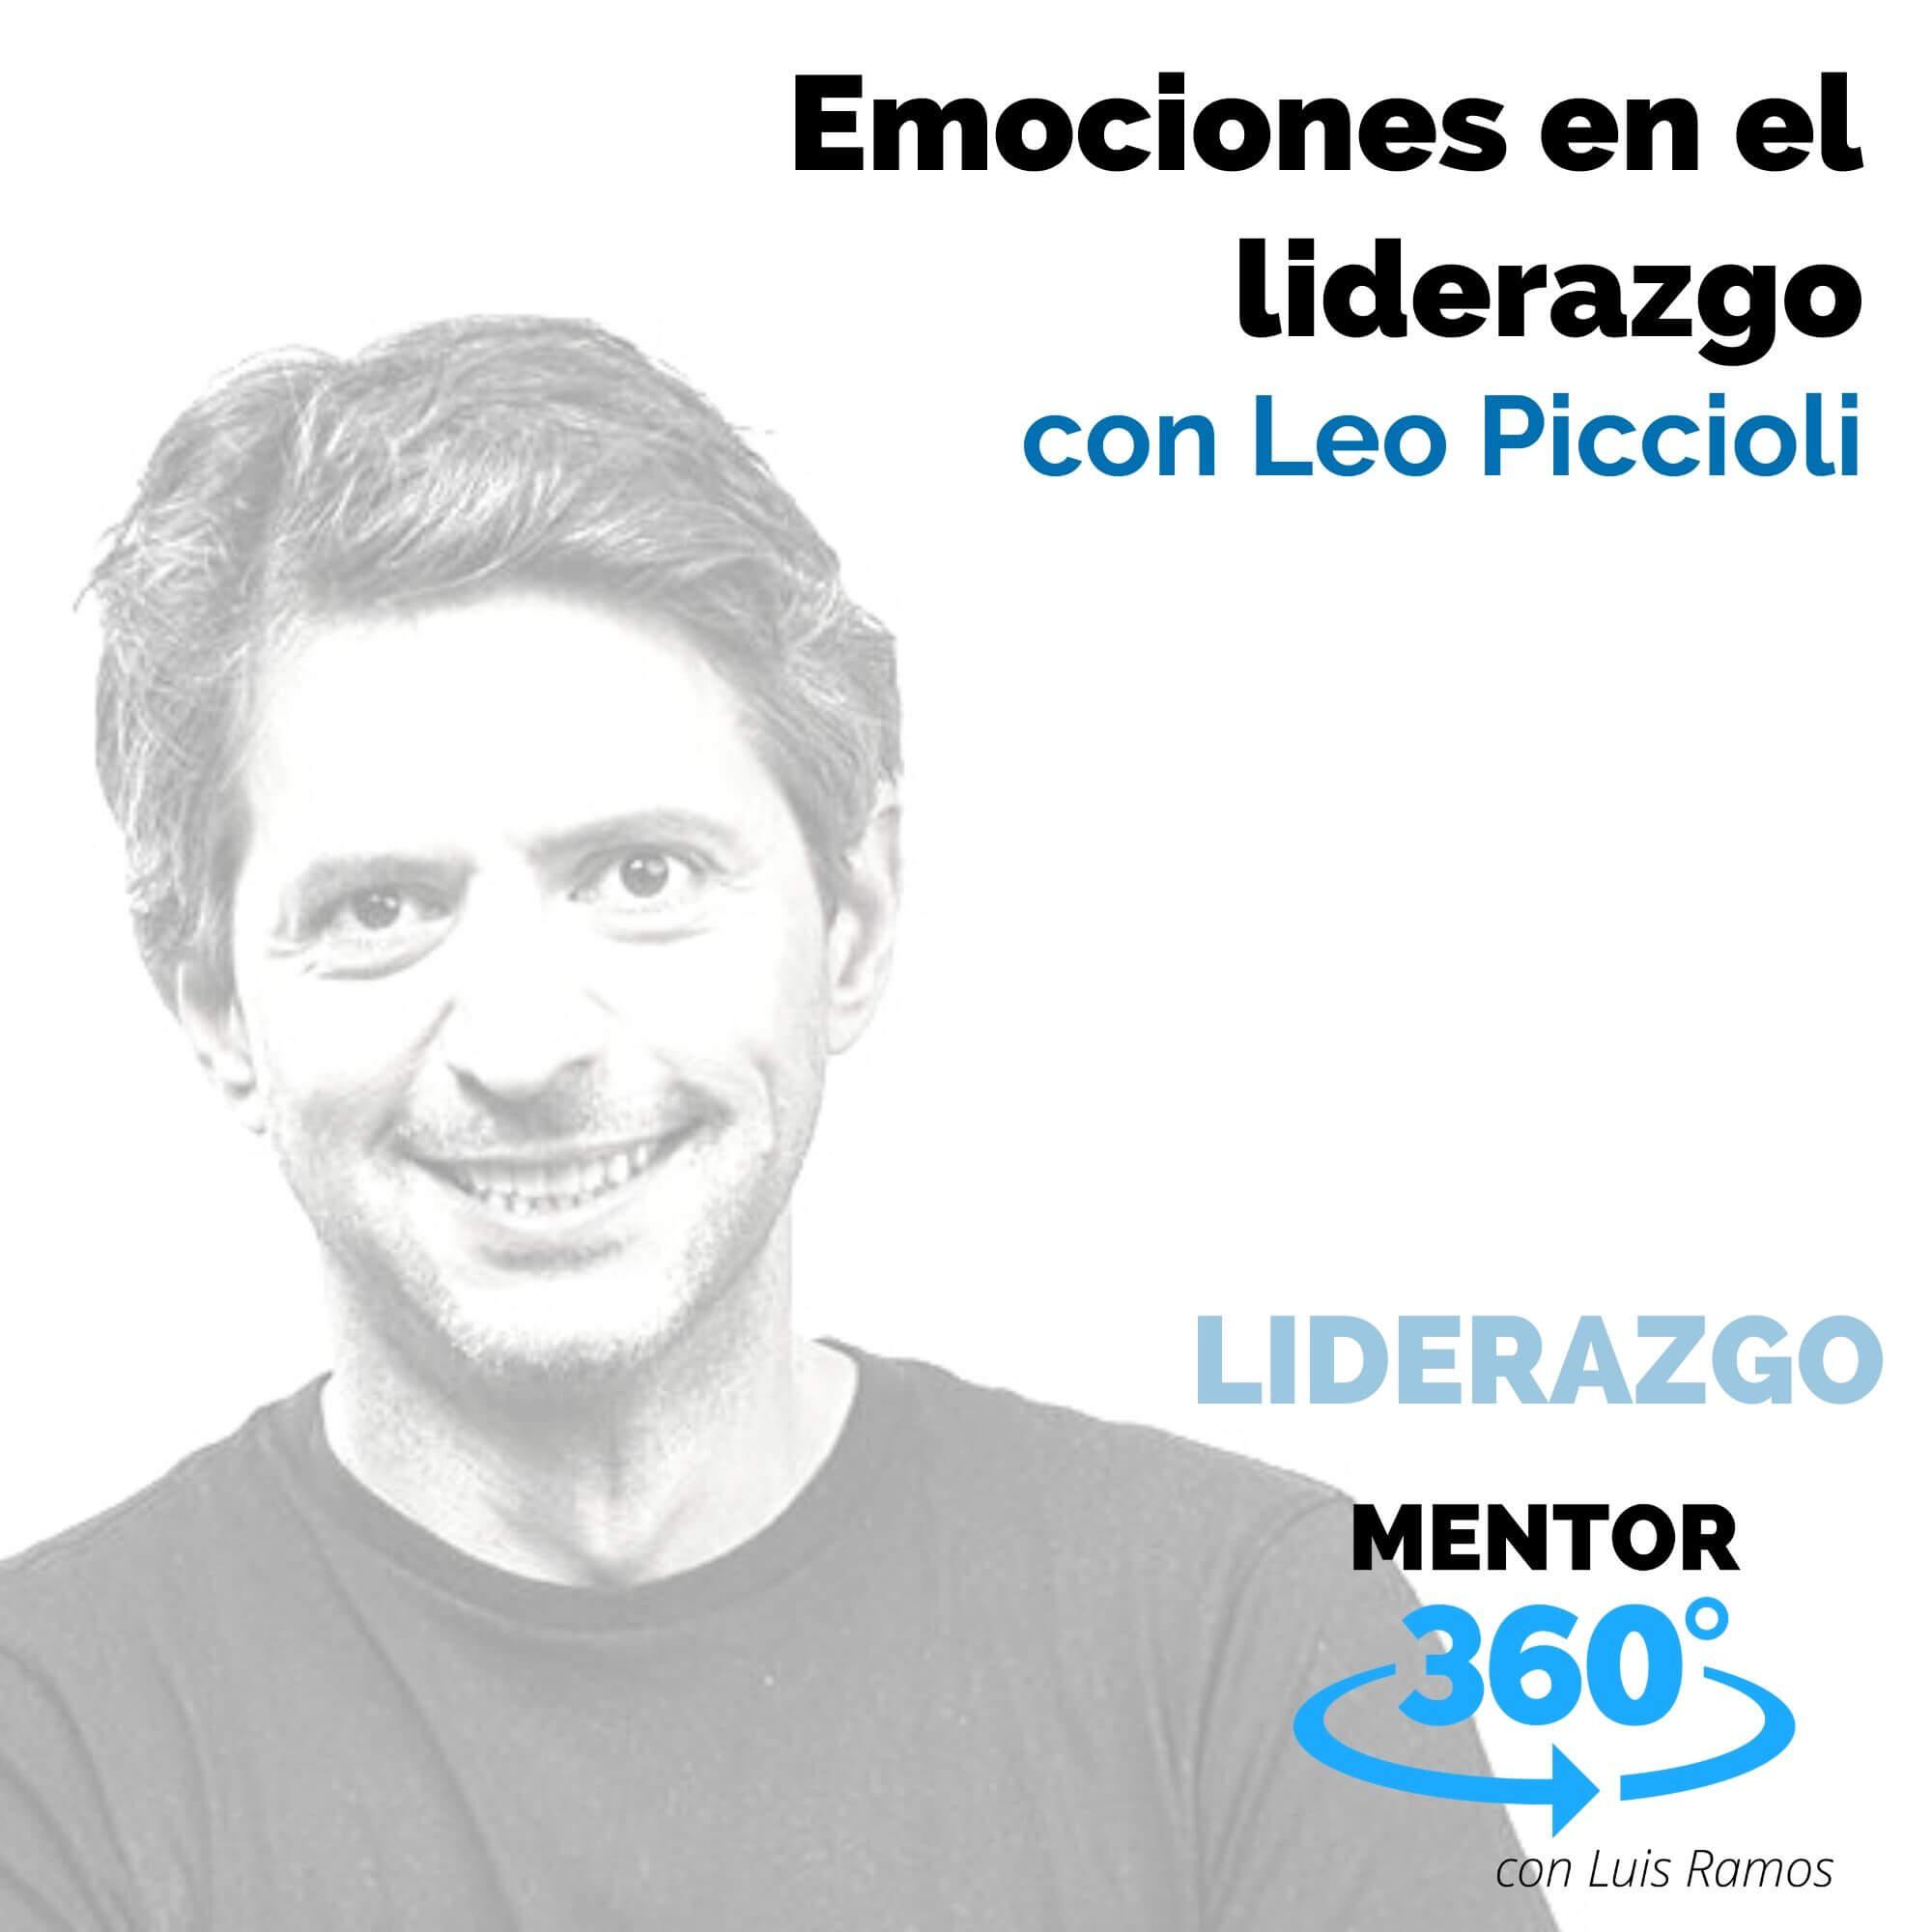 Emociones en el liderazgo, con Leo Piccioli - LIDERAZGO